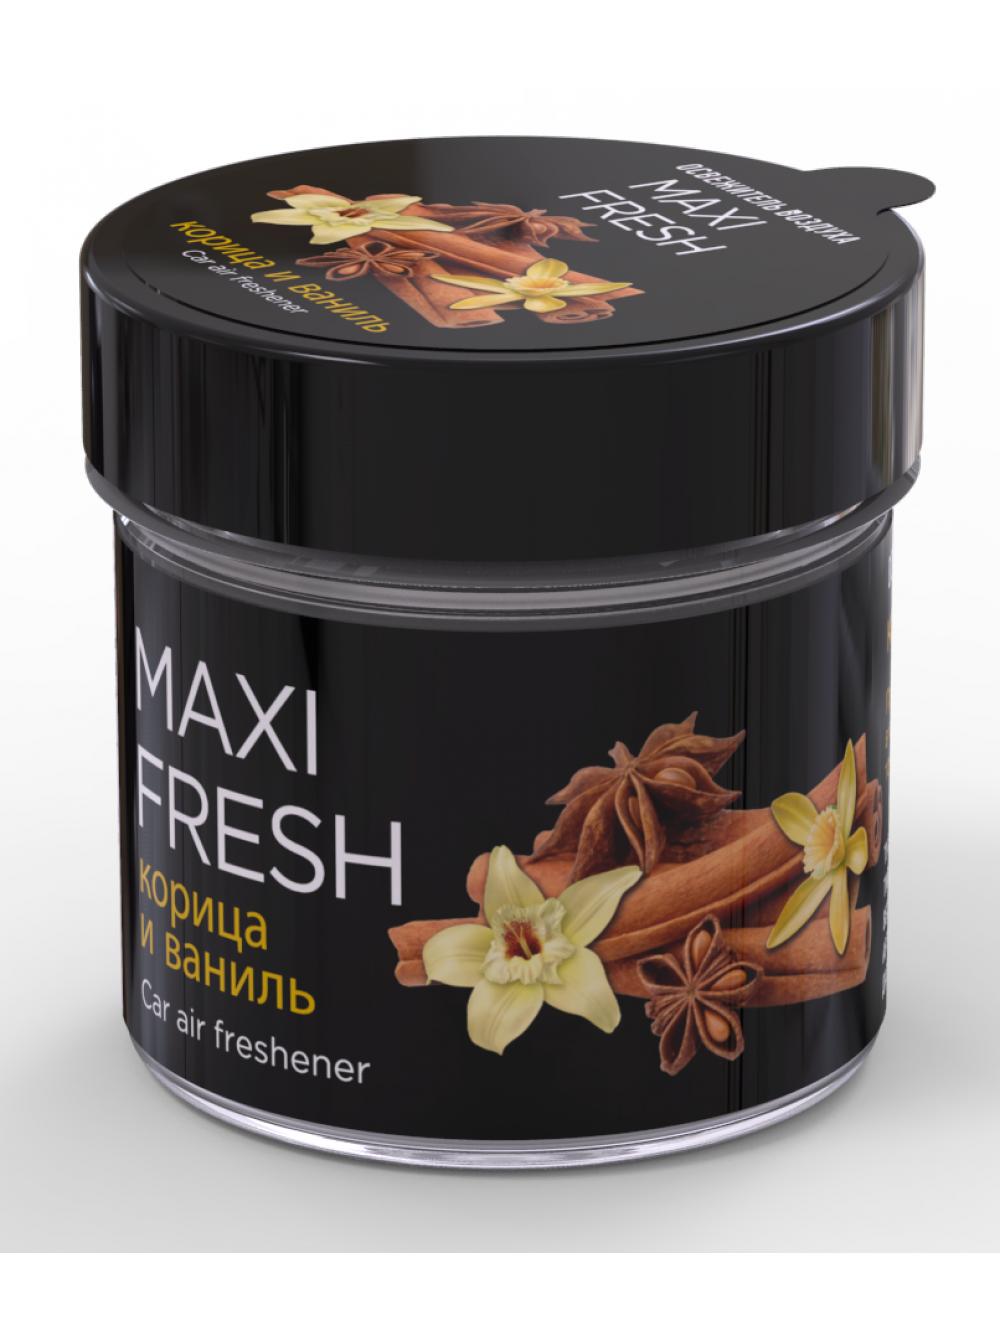 Автомобильный ароматизатор MAXI FRESH 964-CMF-112 ароматизатор воздуха автомобильный maxi fresh цитрус и манго под сиденье 100 г